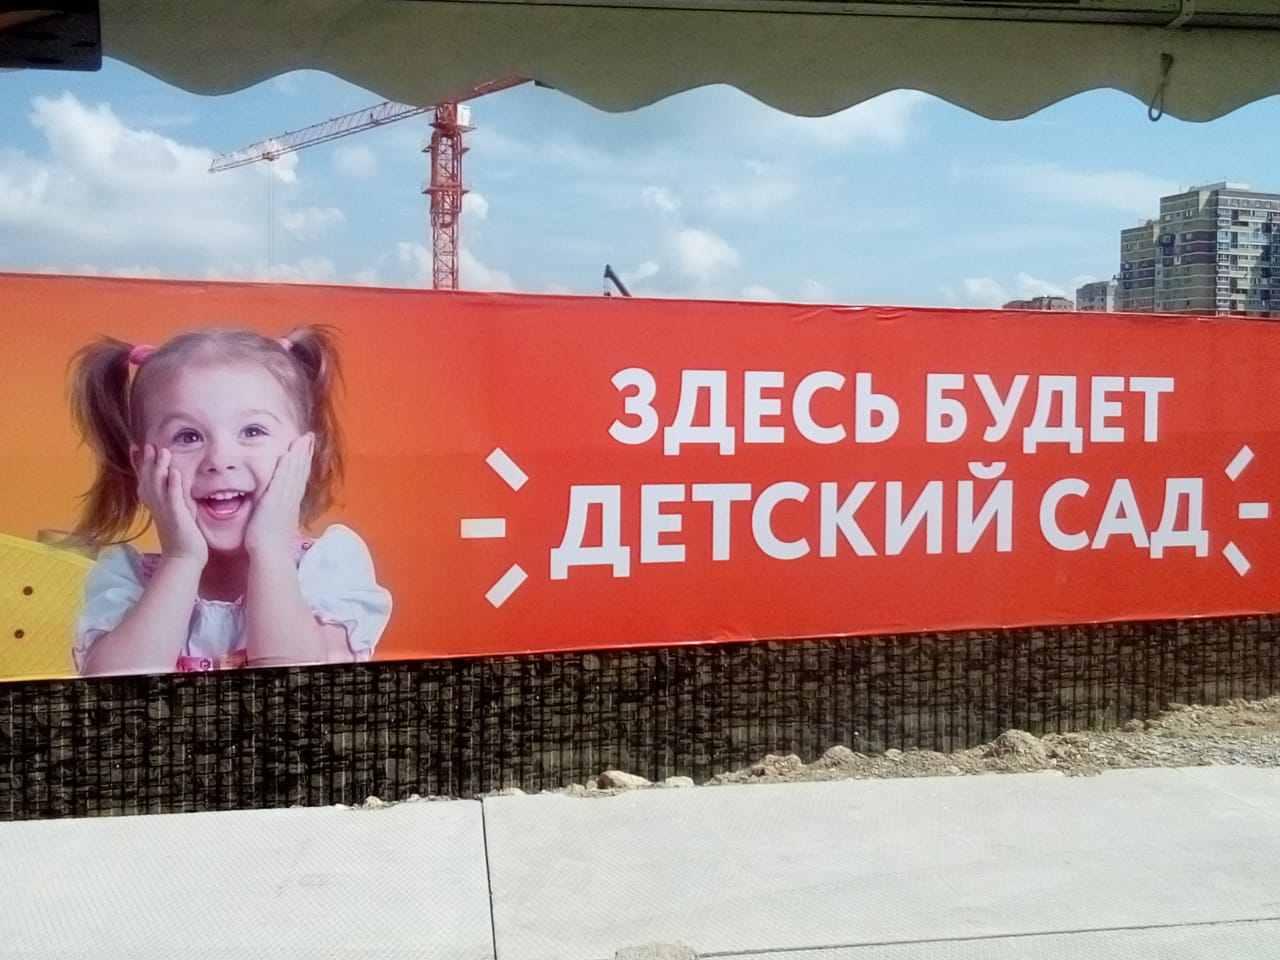 Новороссийску подарили землю под строительство детского сада